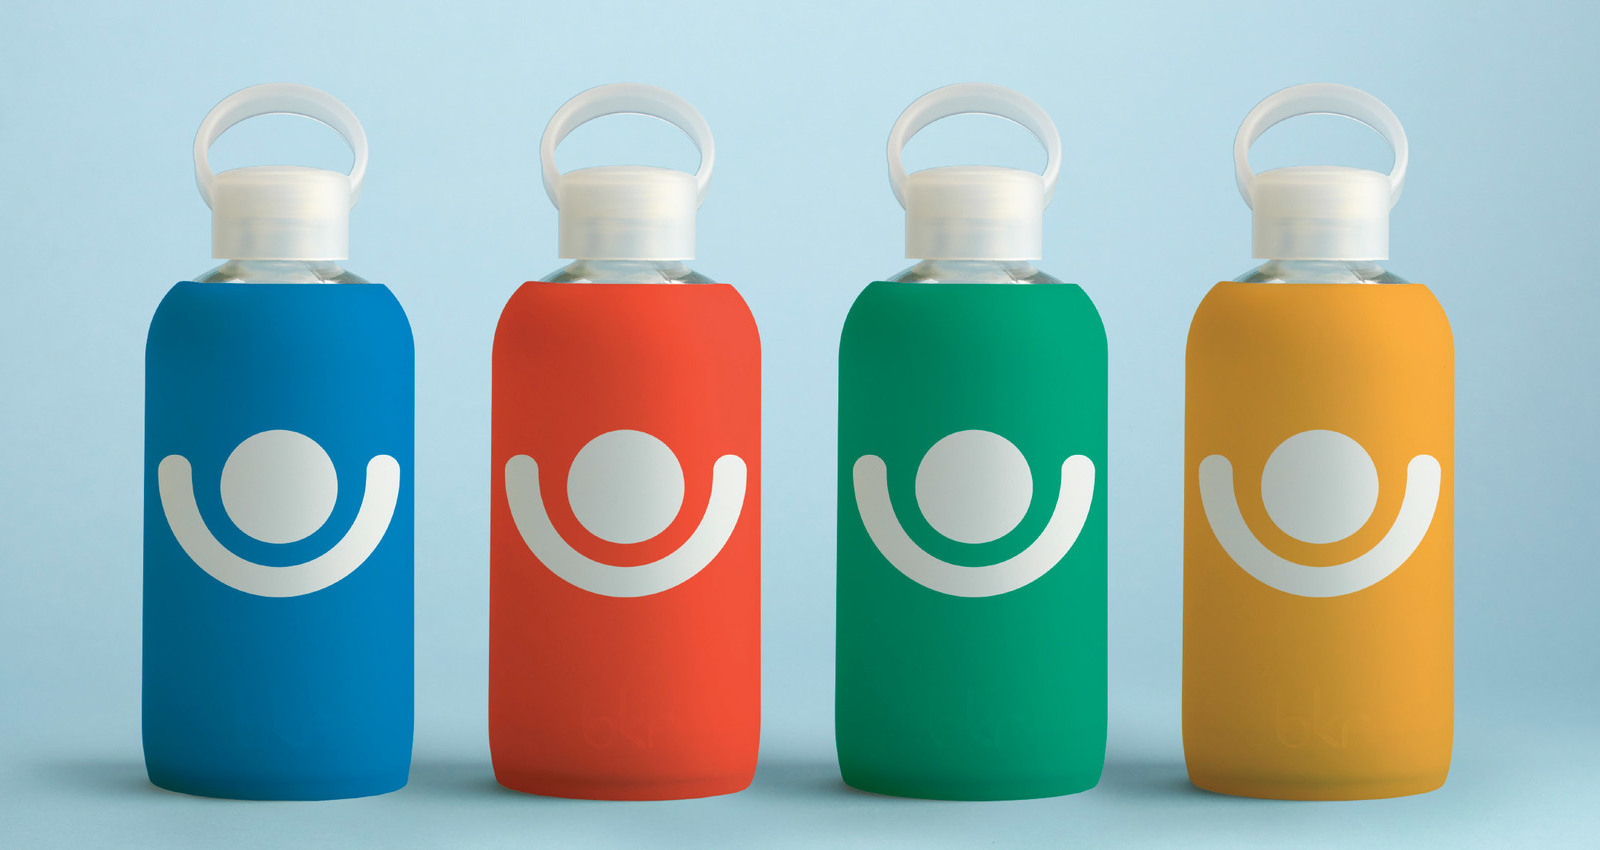 2015 Brand Identity Refresh